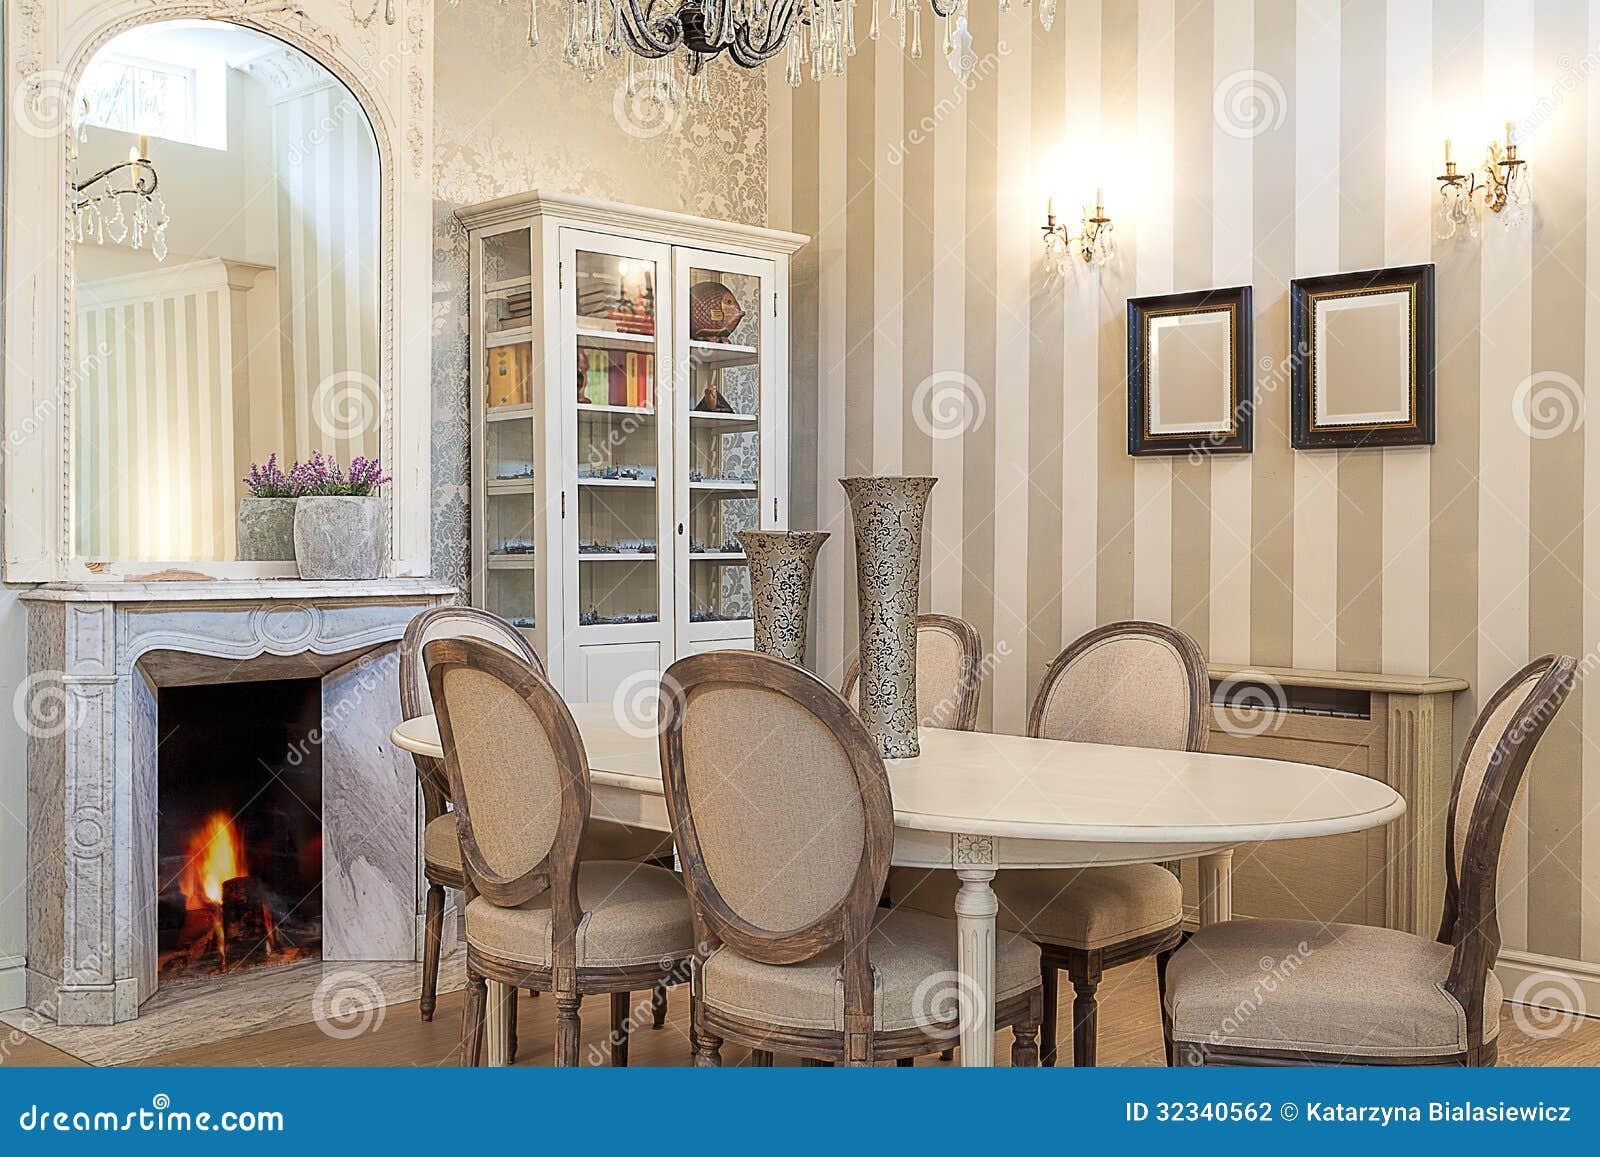 Sala De Jantar Estilo Retro ~ Mansão Do Vintage  Sala De Jantar Fotografia de Stock  Imagem